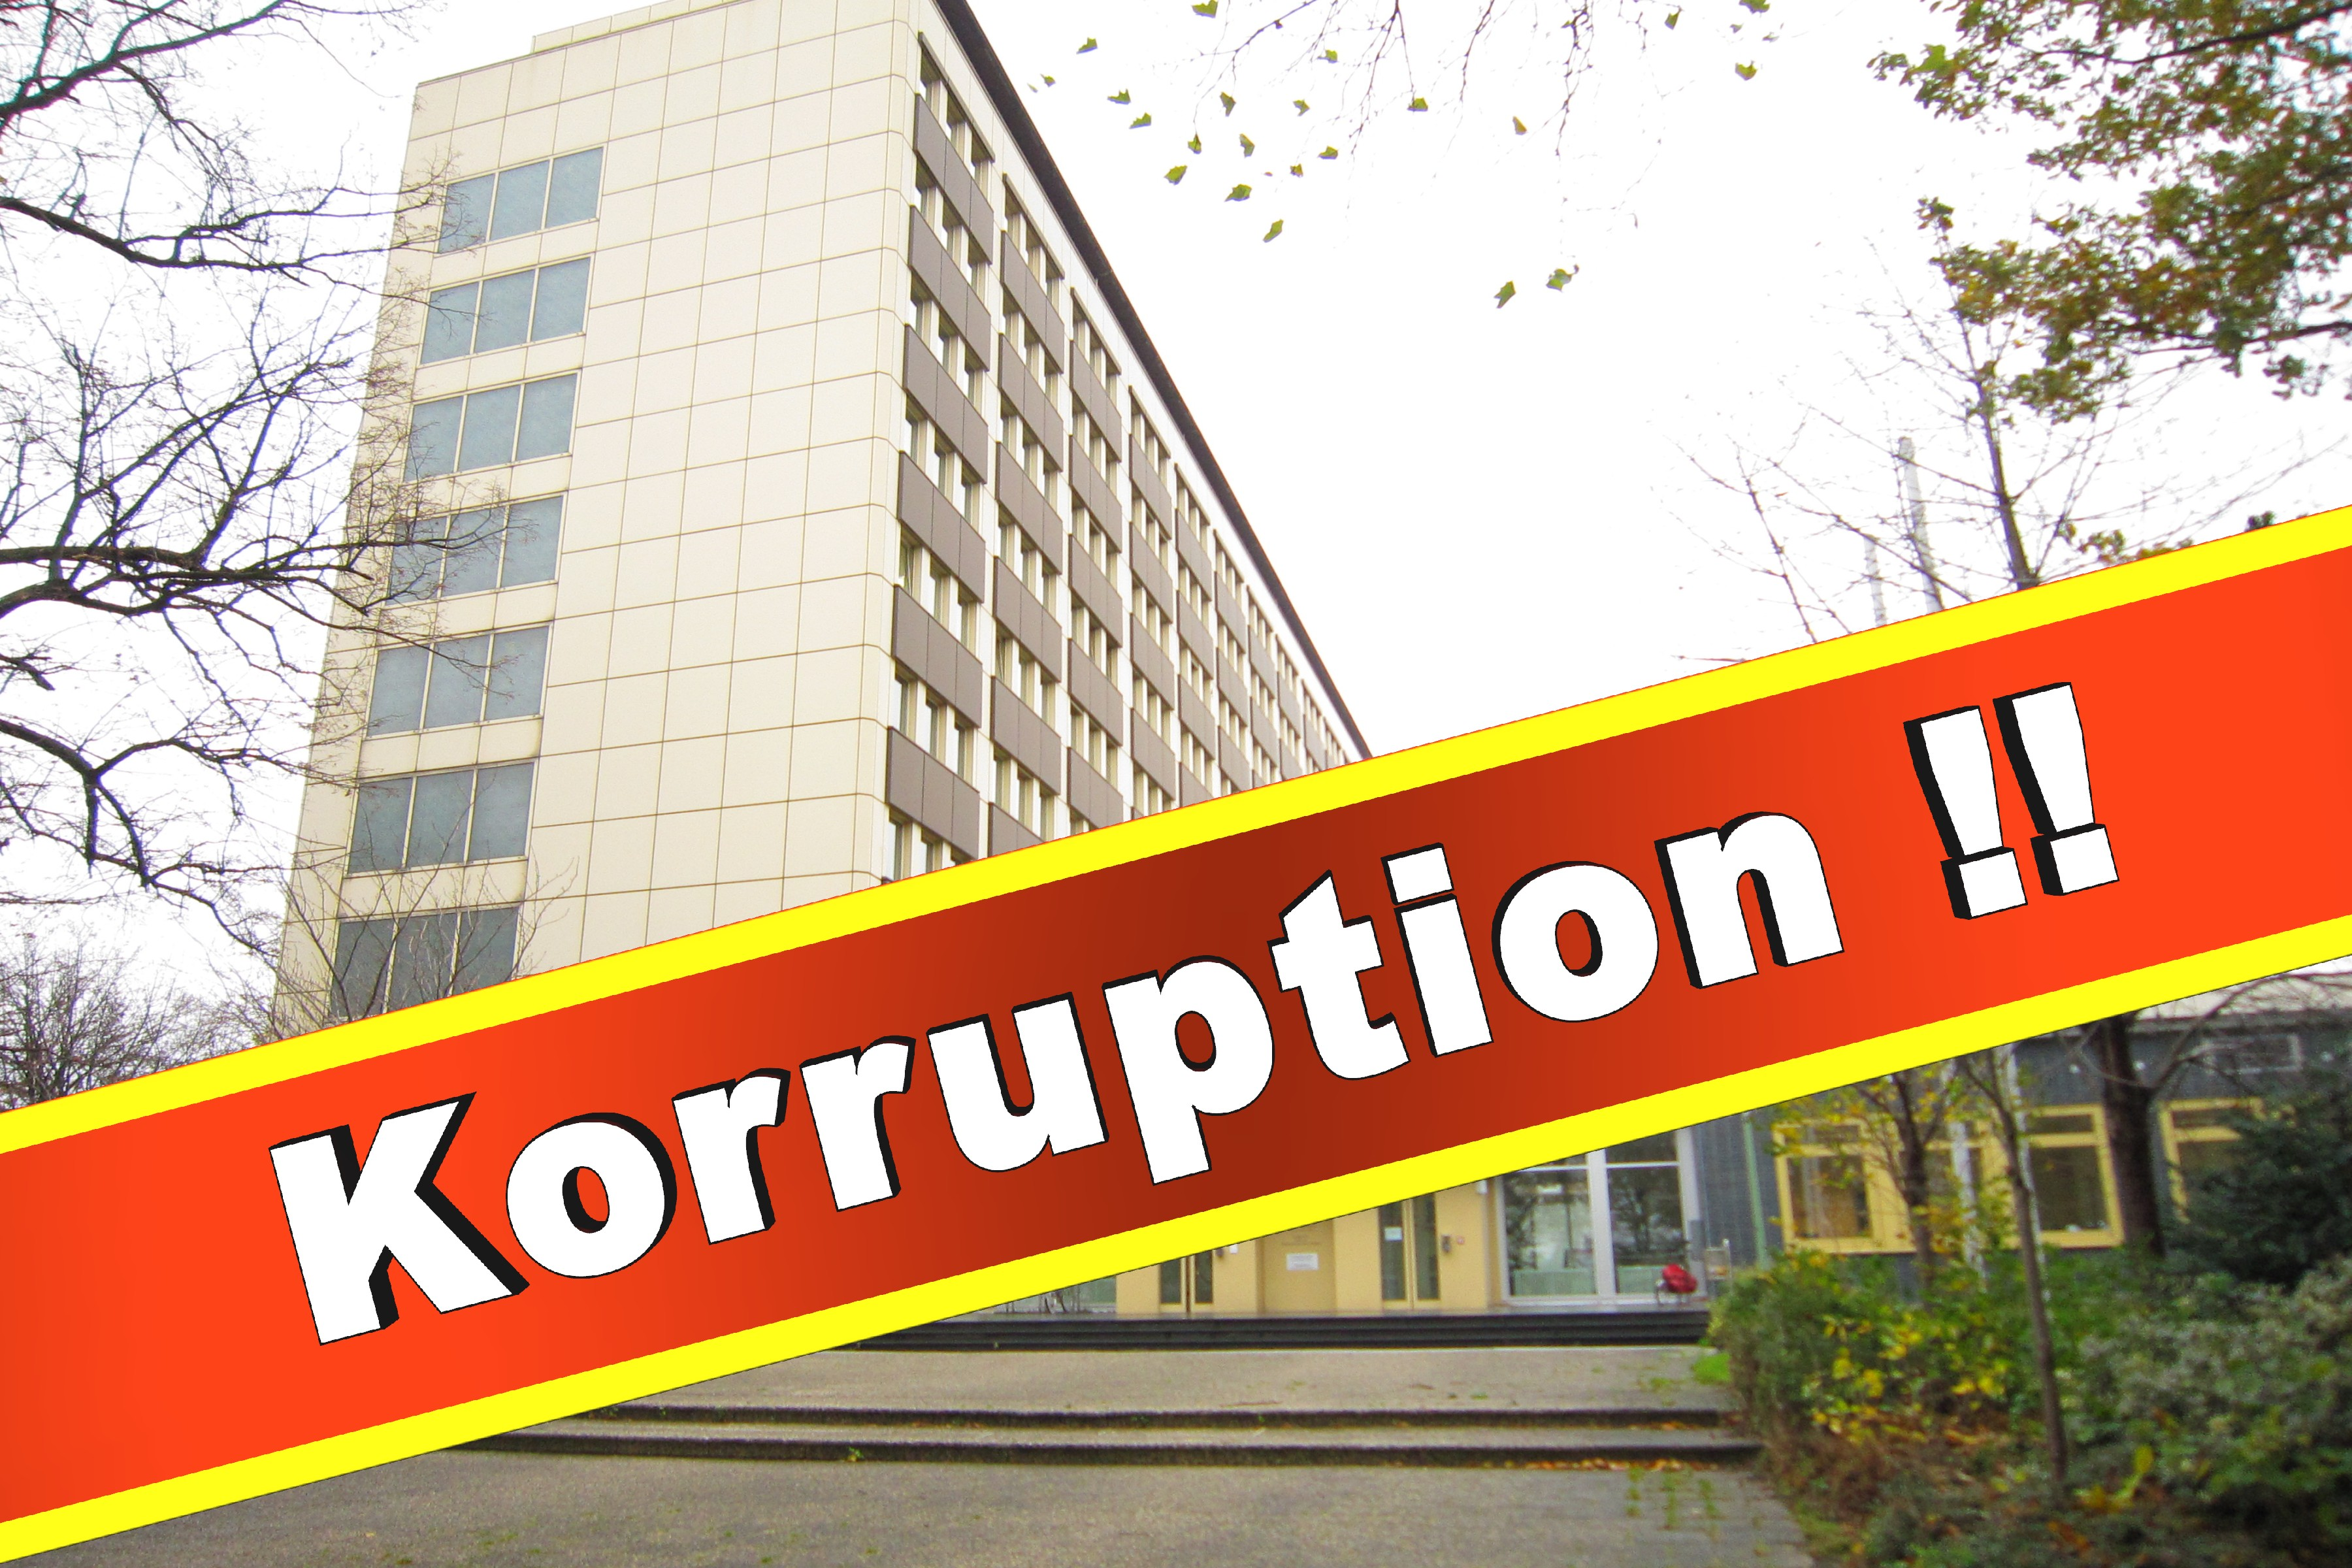 Finanzamt Bielefeld Außenstadt öffnungszeiten Finanzamt Bielefeld Steuerklasse ändern Finanzamt Bielefeld Zuständigkeit Finanzamt Bielefeld Ausbildung (3)